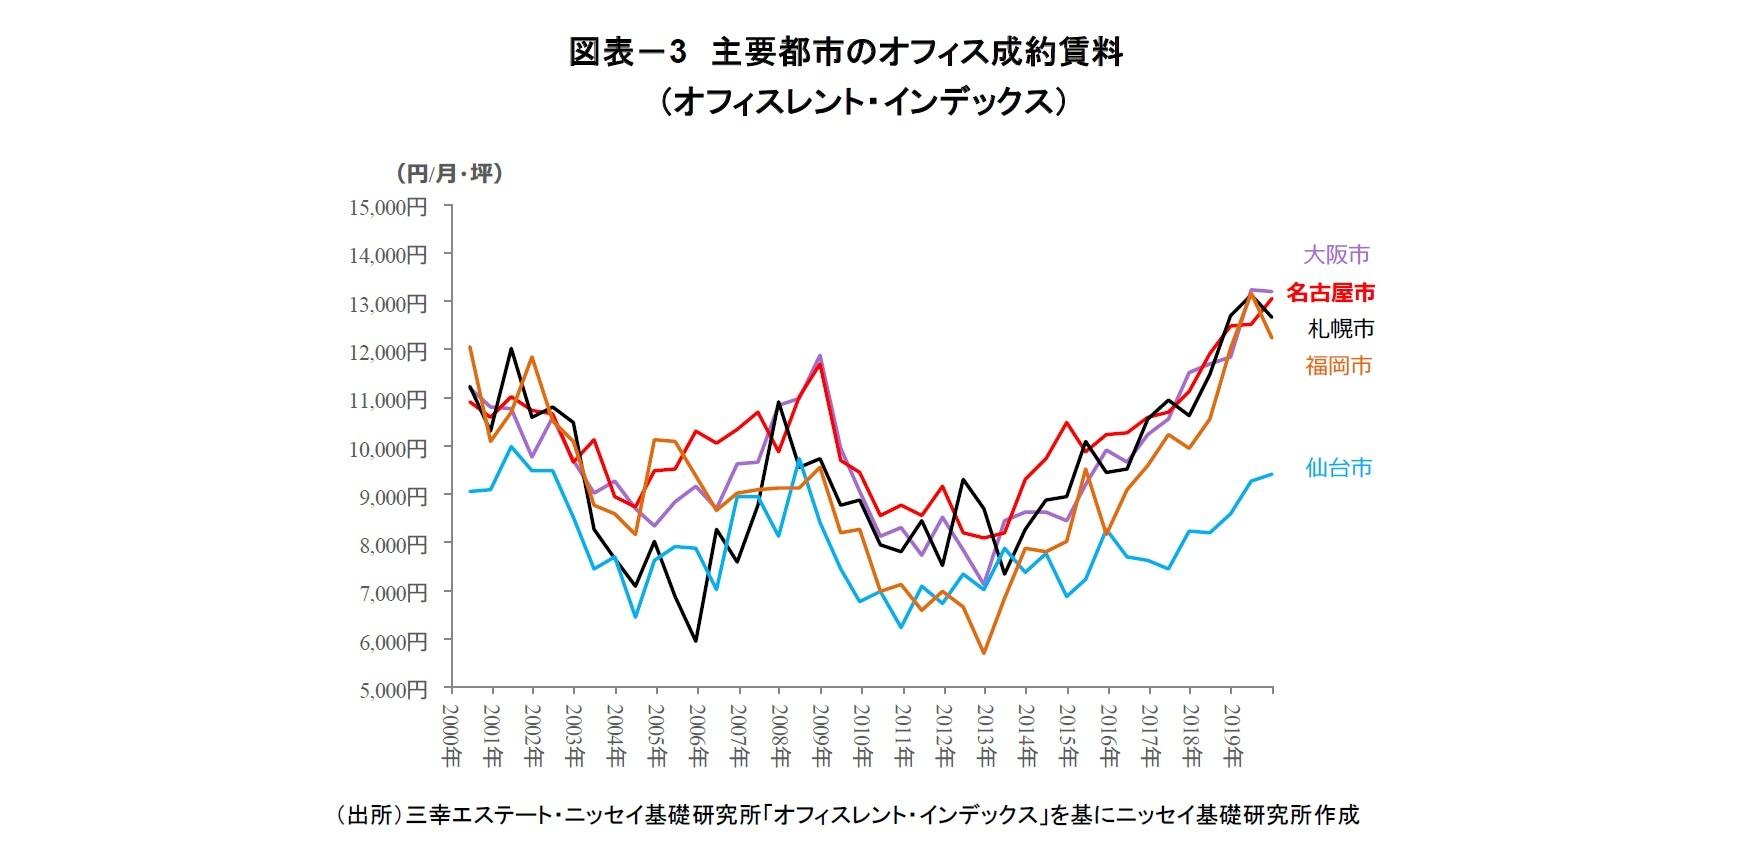 図表-3 主要都市のオフィス成約賃料(オフィスレント・インデックス)